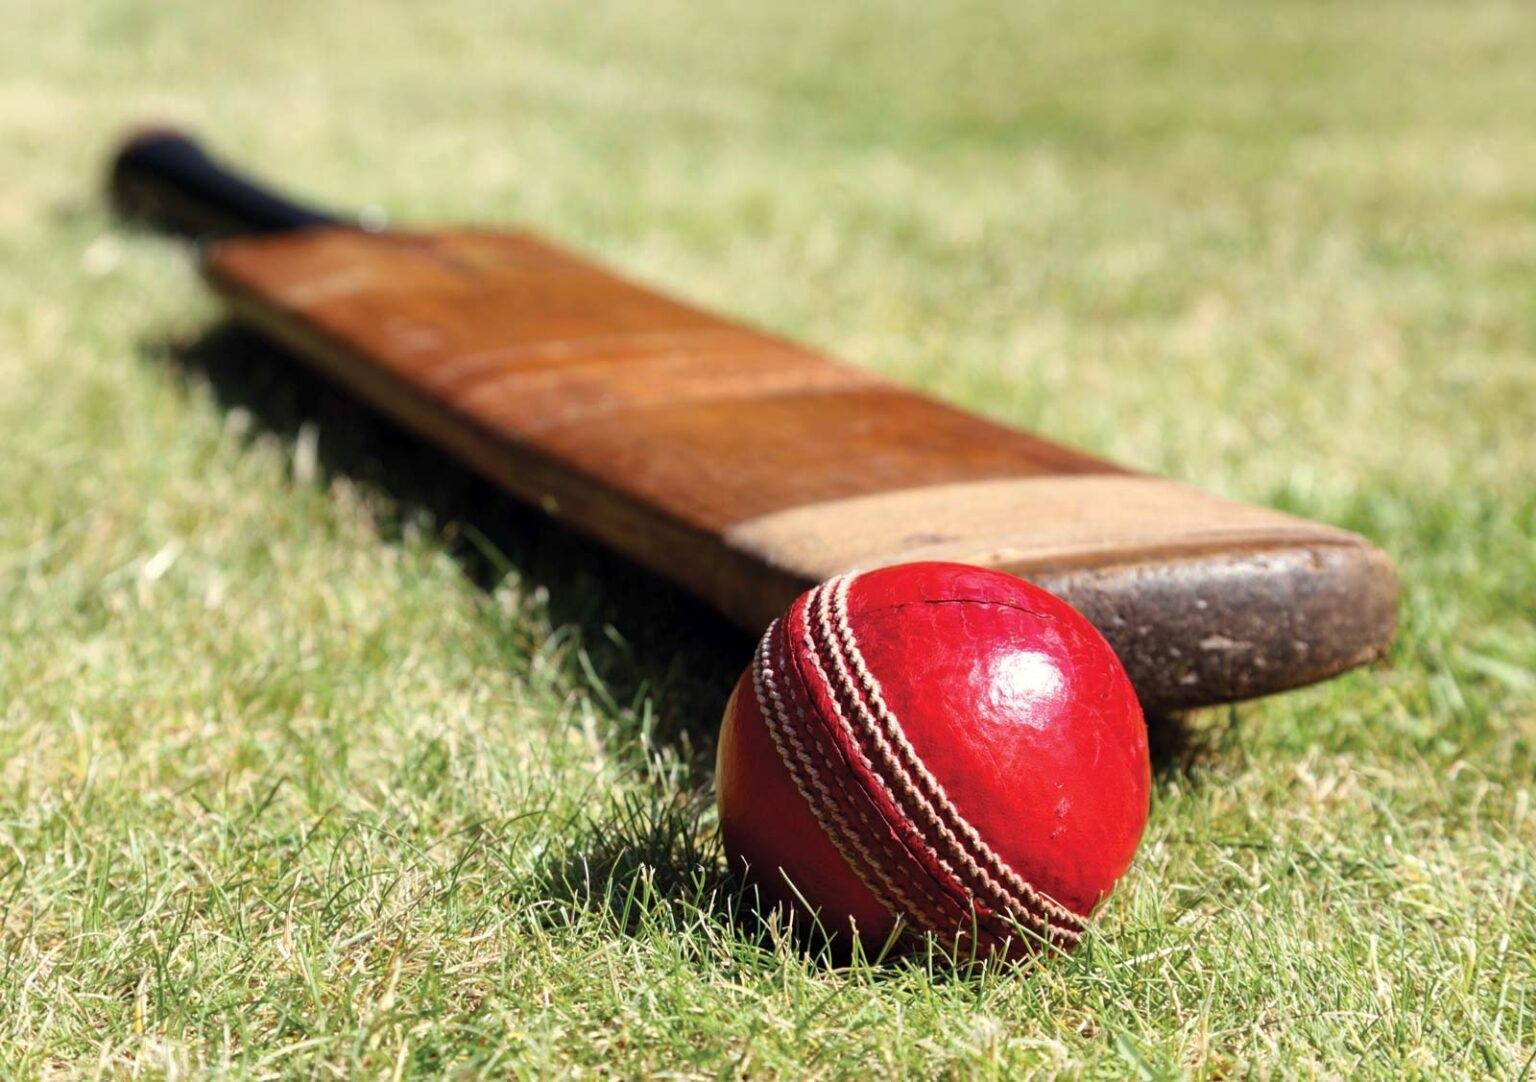 টেস্ট ক্রিকেট মহম্মদ শামির পছন্দের ফর্ম্যাট, ধোনির এই প্ল্যানের কারণে পেয়েছিলেন বিশ্বকাপে হ্যাটট্রিক 4